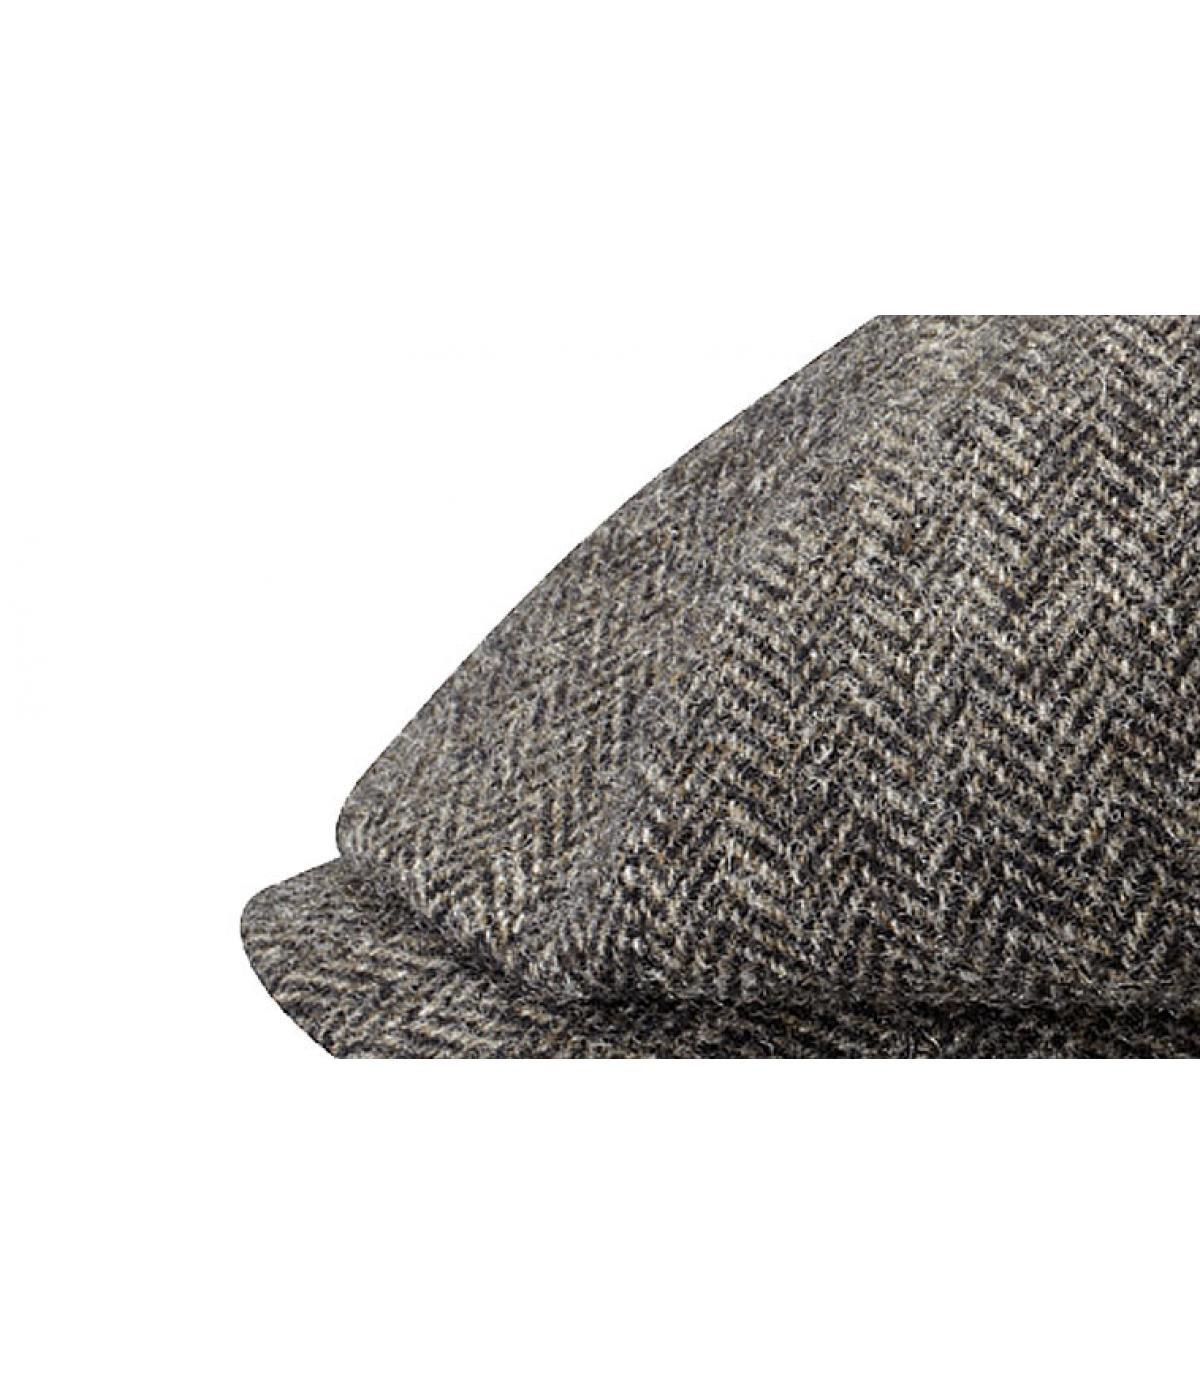 Dettagli Hatteras woolrich grigio scuro - image 2